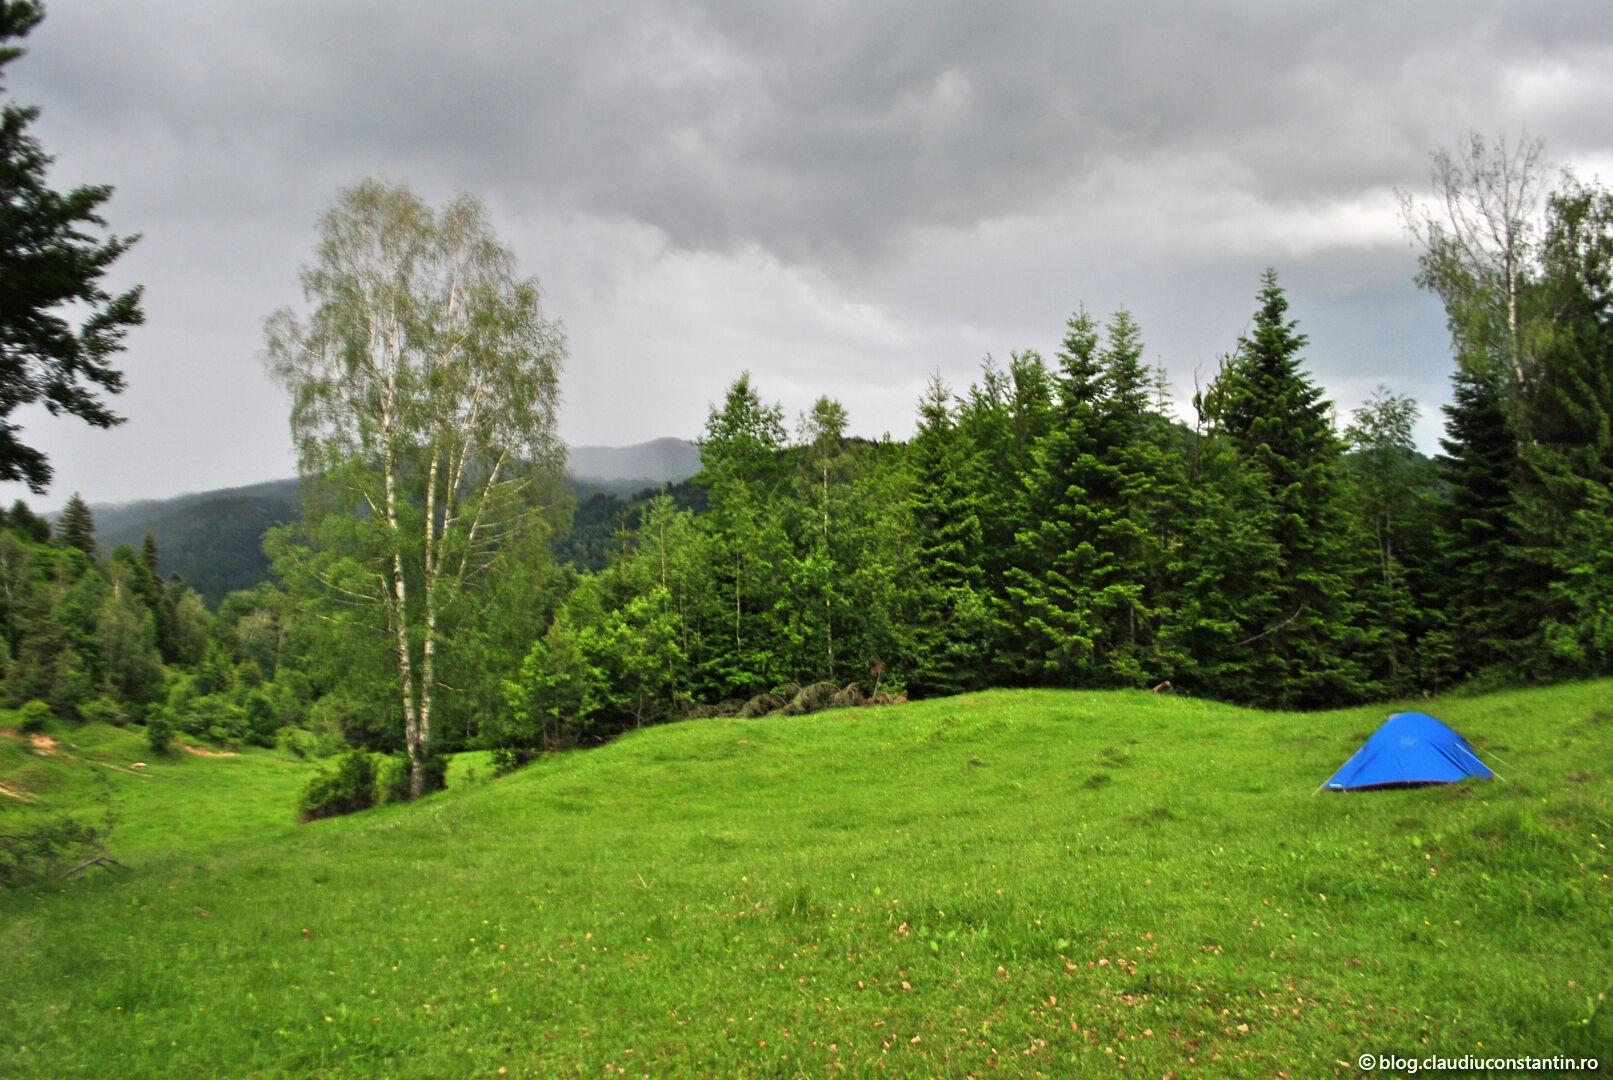 Tură cu cortul în comuna Lopătari, Buzău